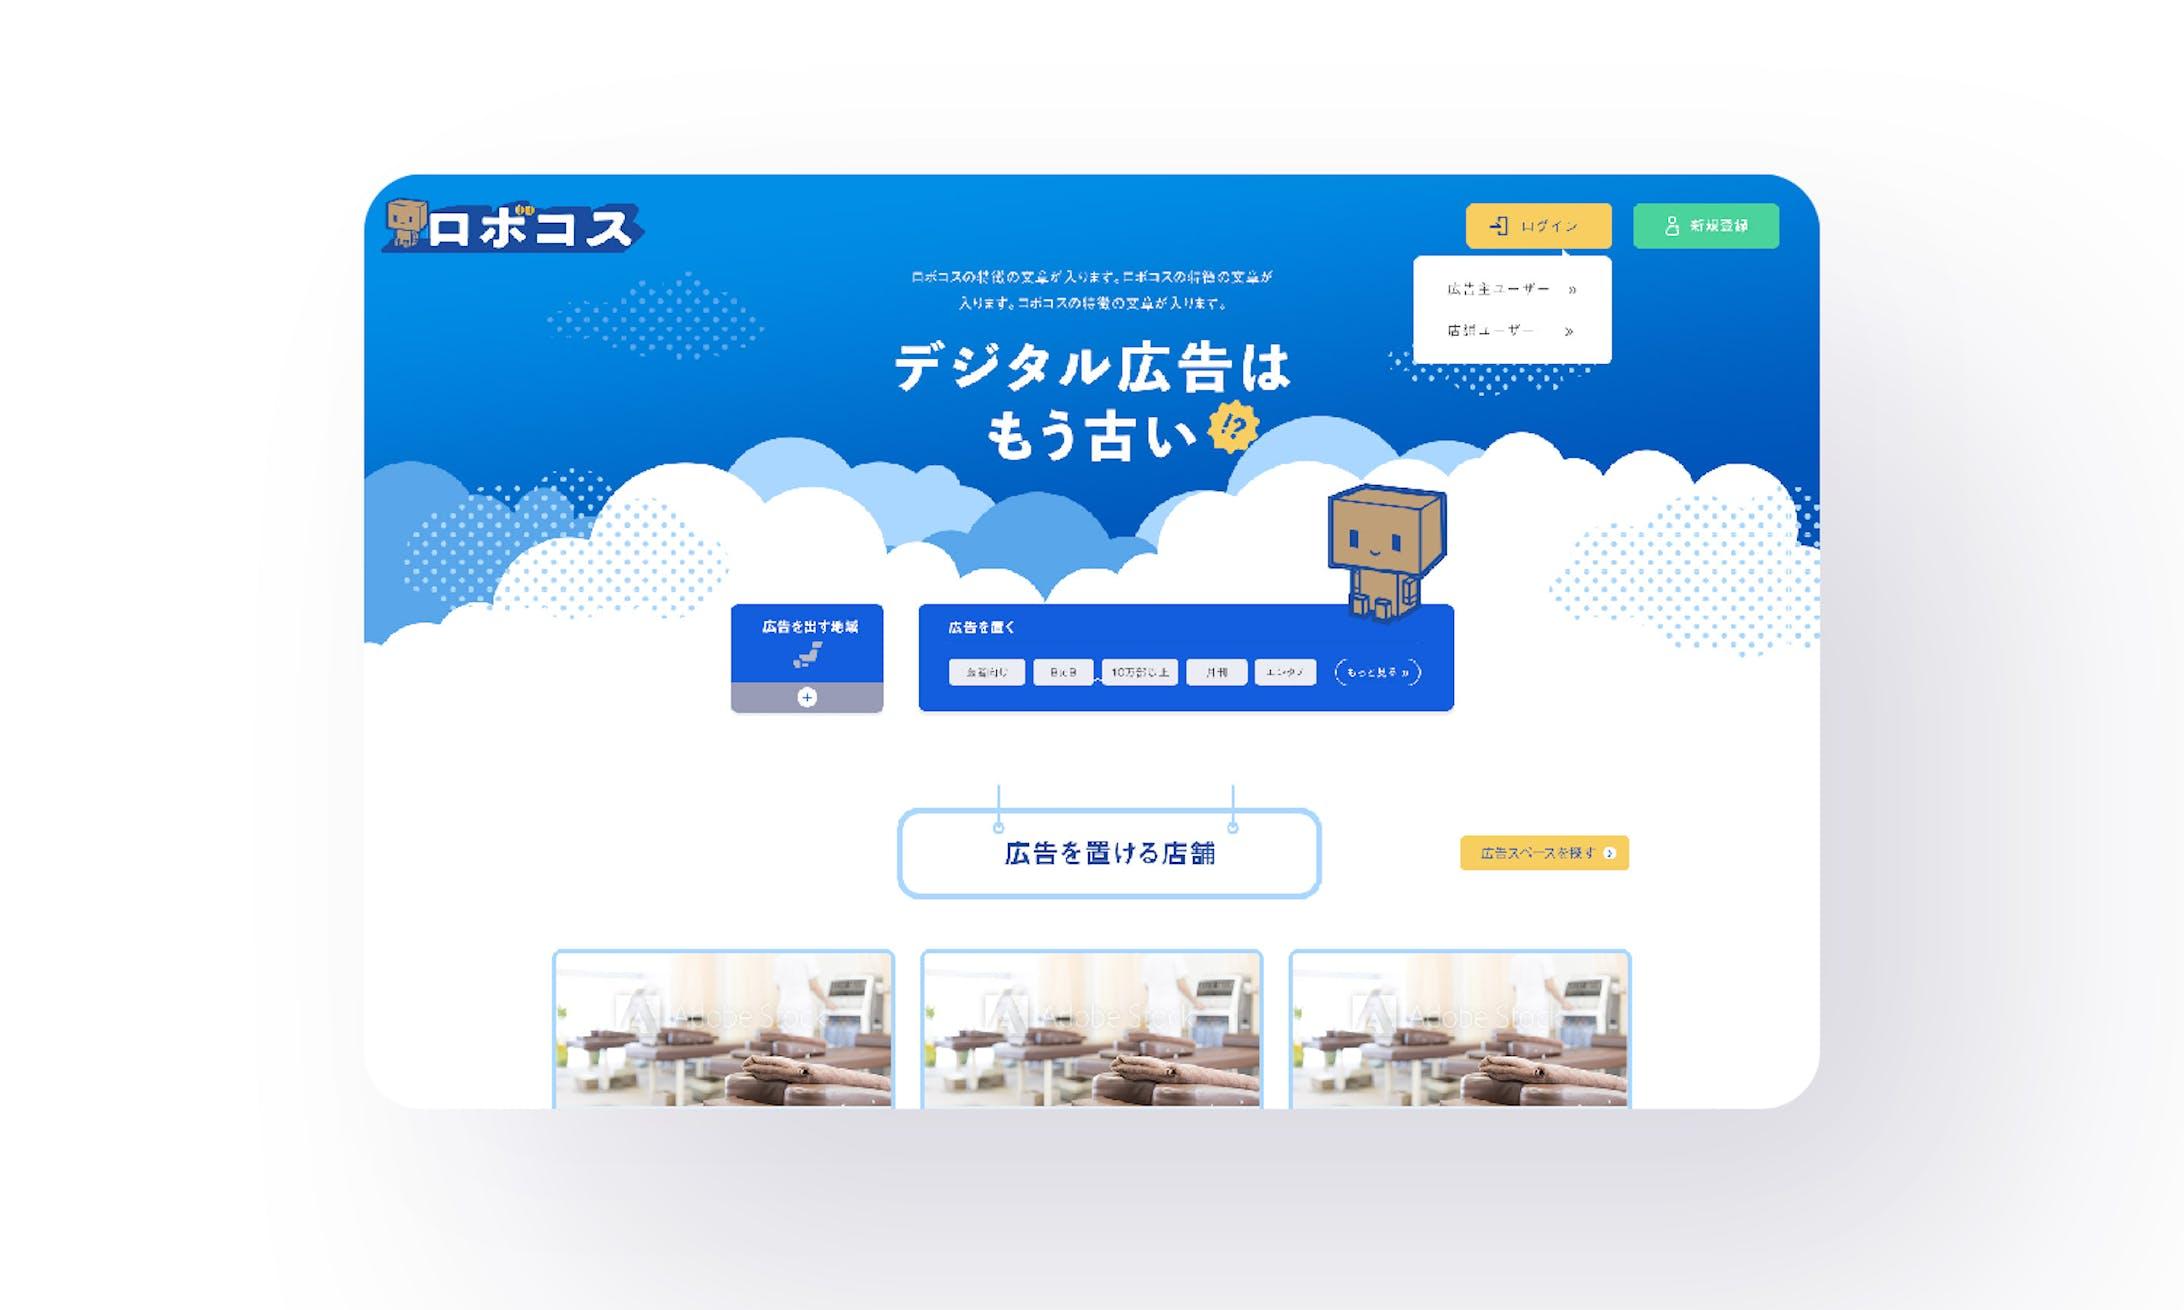 ロボコス サービスサイト-1